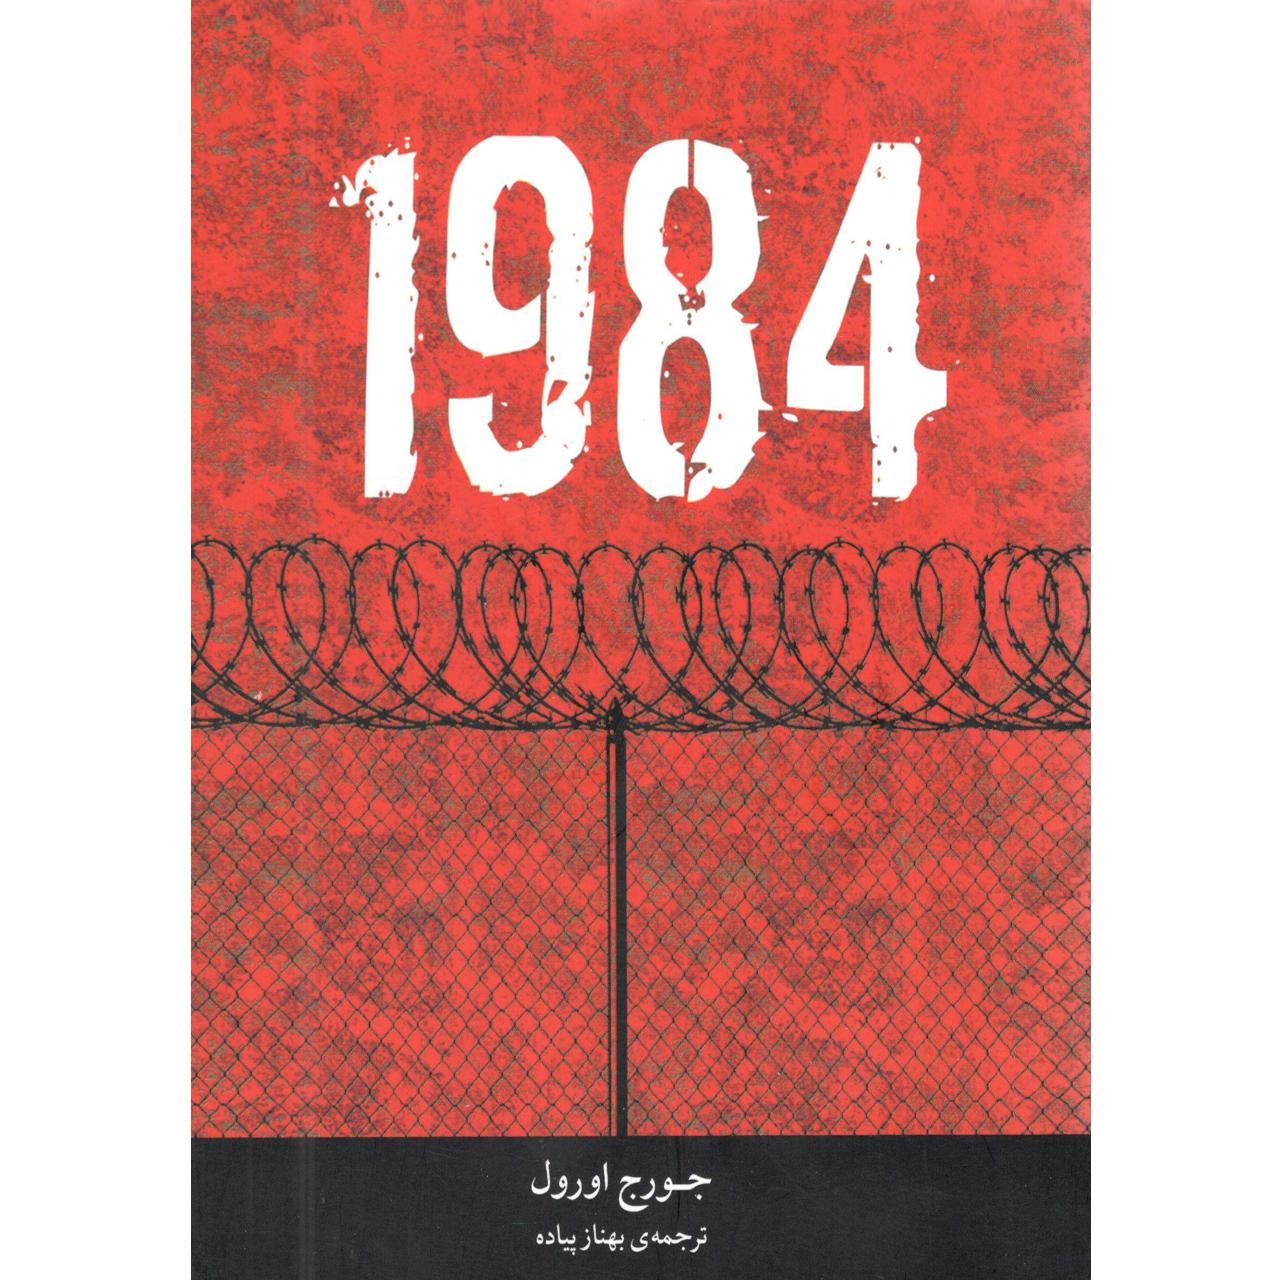 خرید                      کتاب 1984 اثر جورج اورول انتشارات راه معاصر